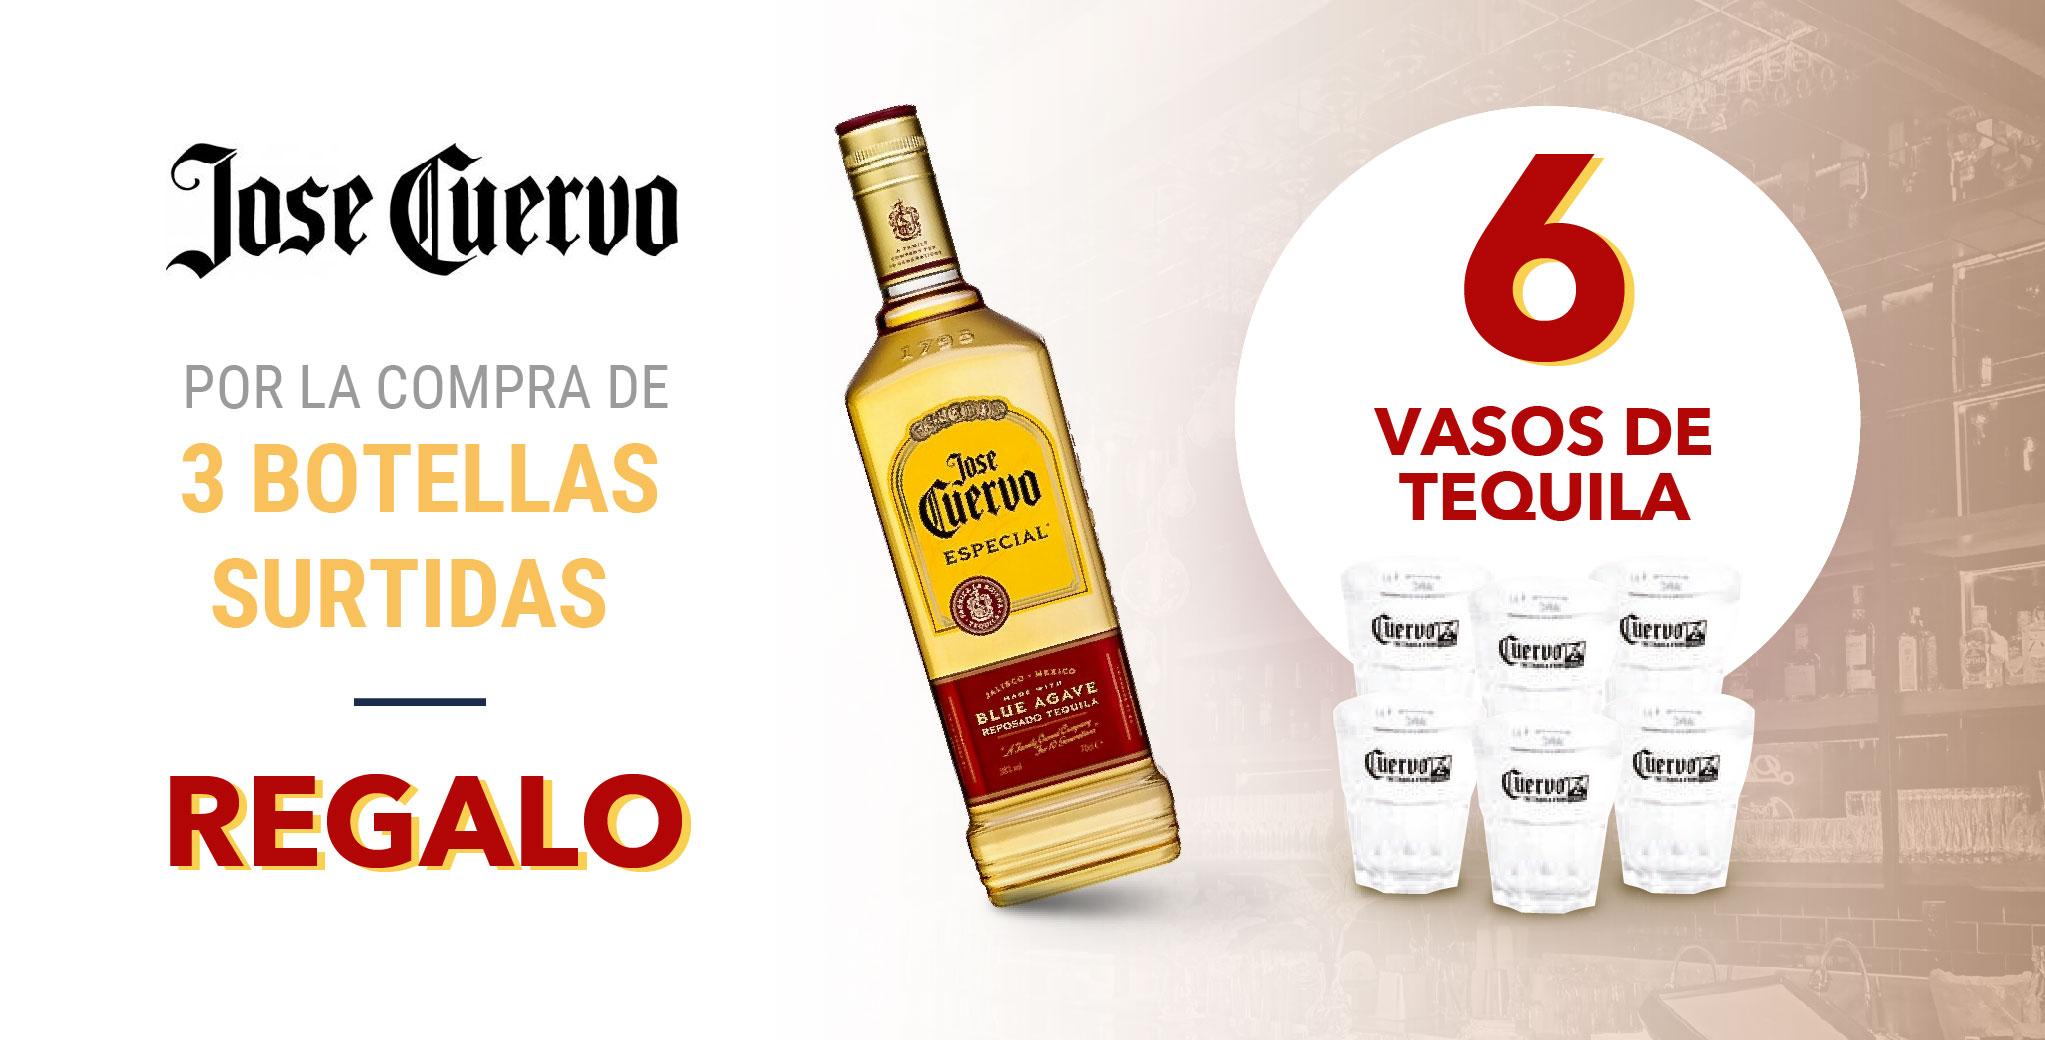 Especial Jose Cuervo